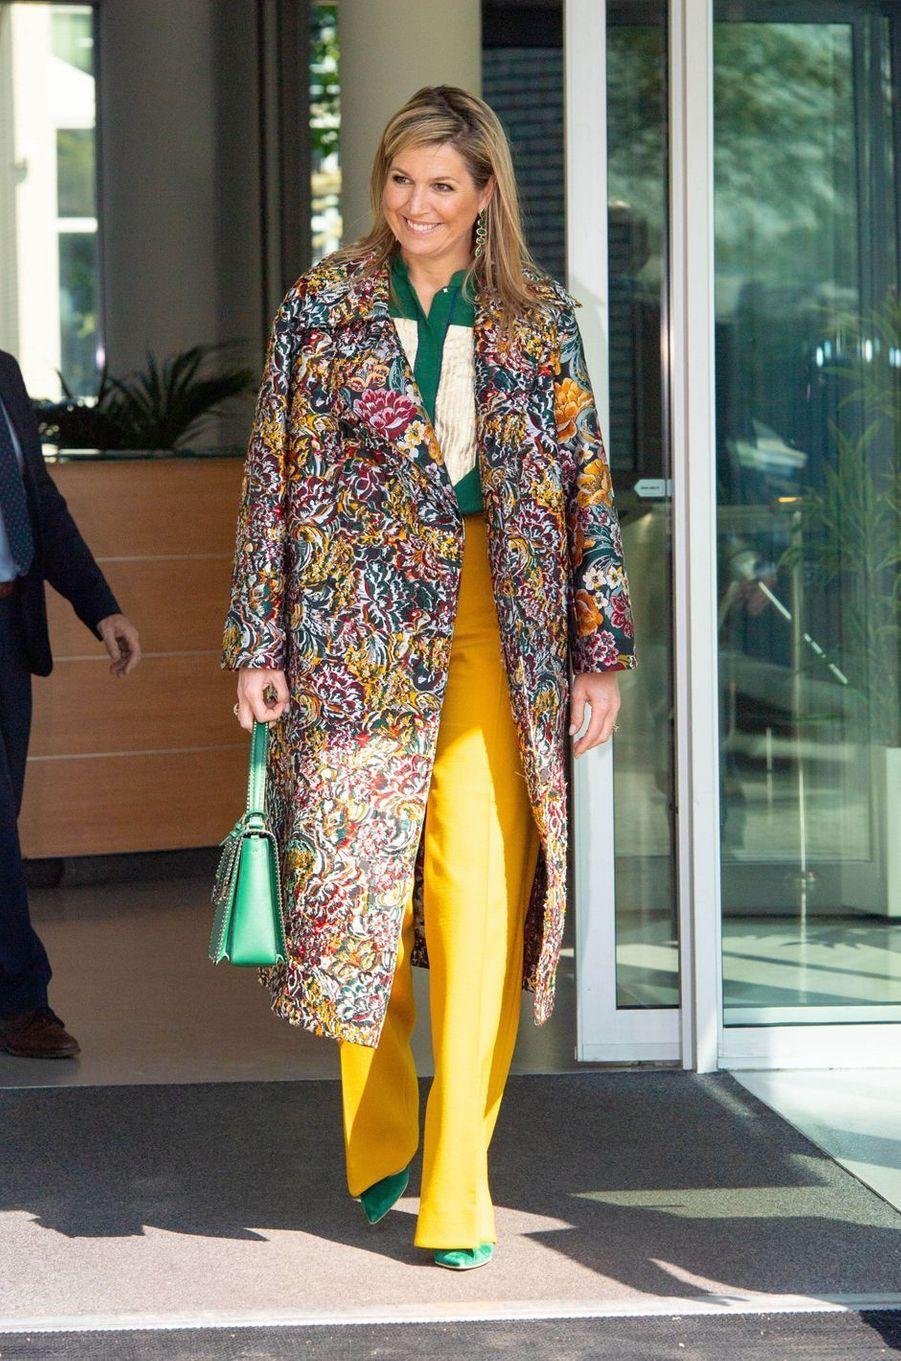 La reine Maxima des Pays-Bas, dans un manteau Oscar de la Renta, à Enschede le 16 avril 2020